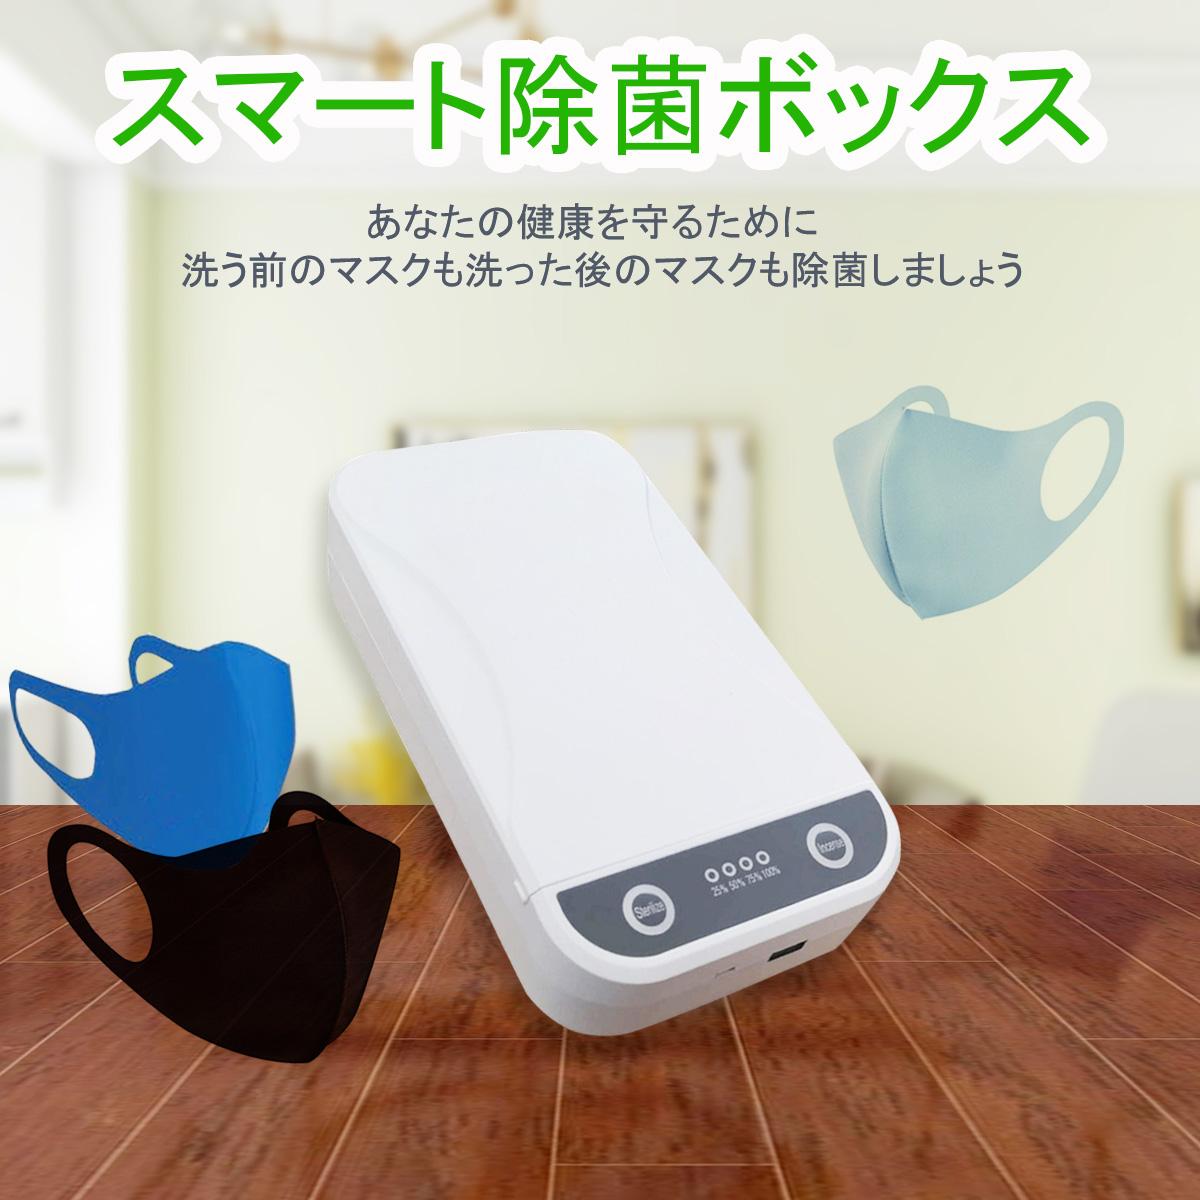 (感染症対策グッズ) スマート除菌ボックス 即納可能